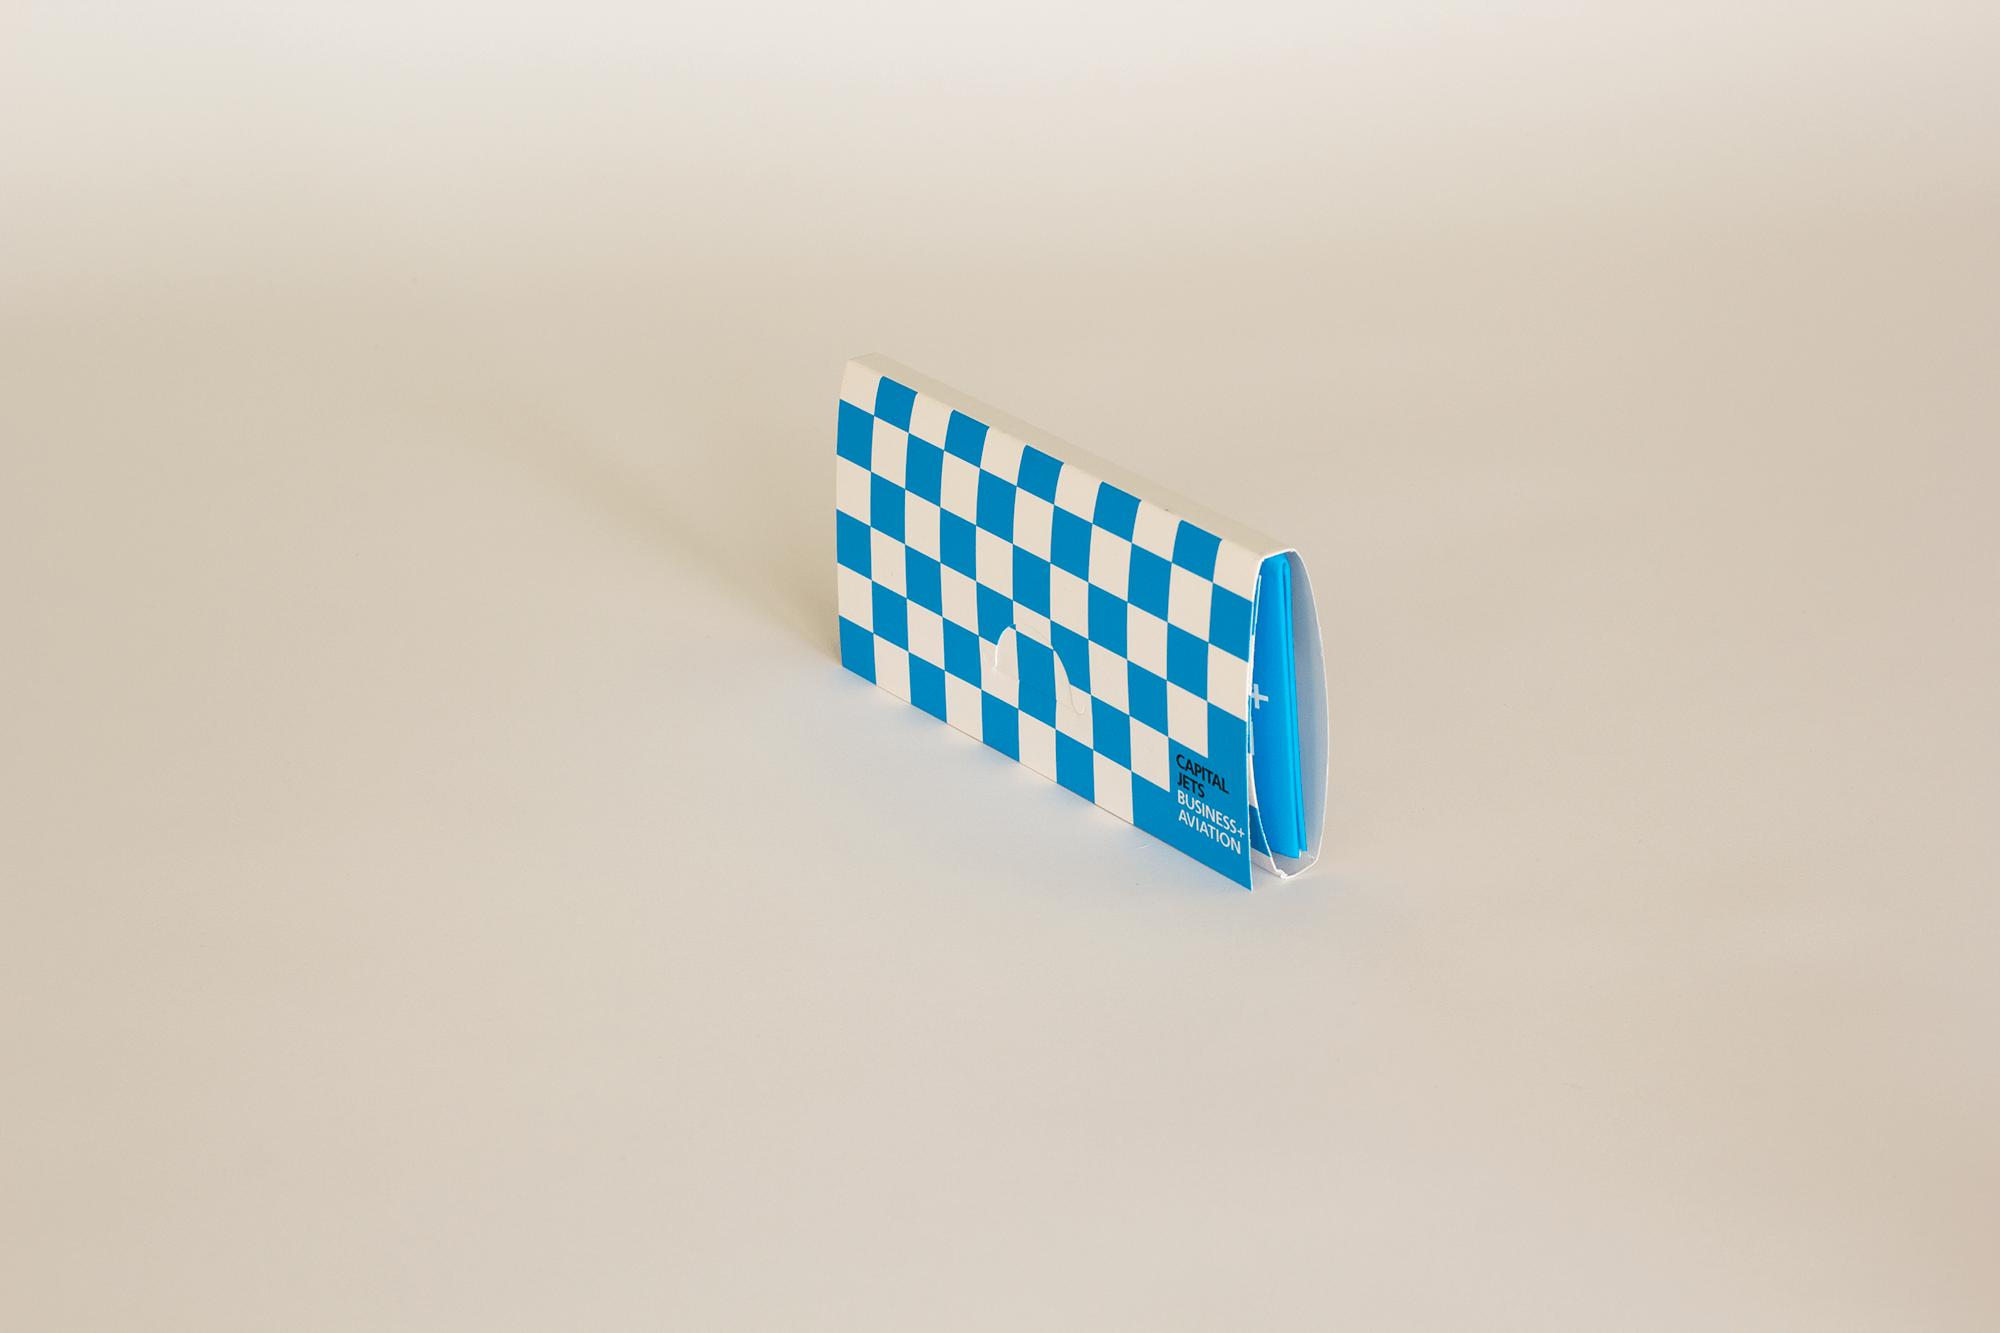 добавляем открытка с выпрыгивающим кубиком обнаружит установит